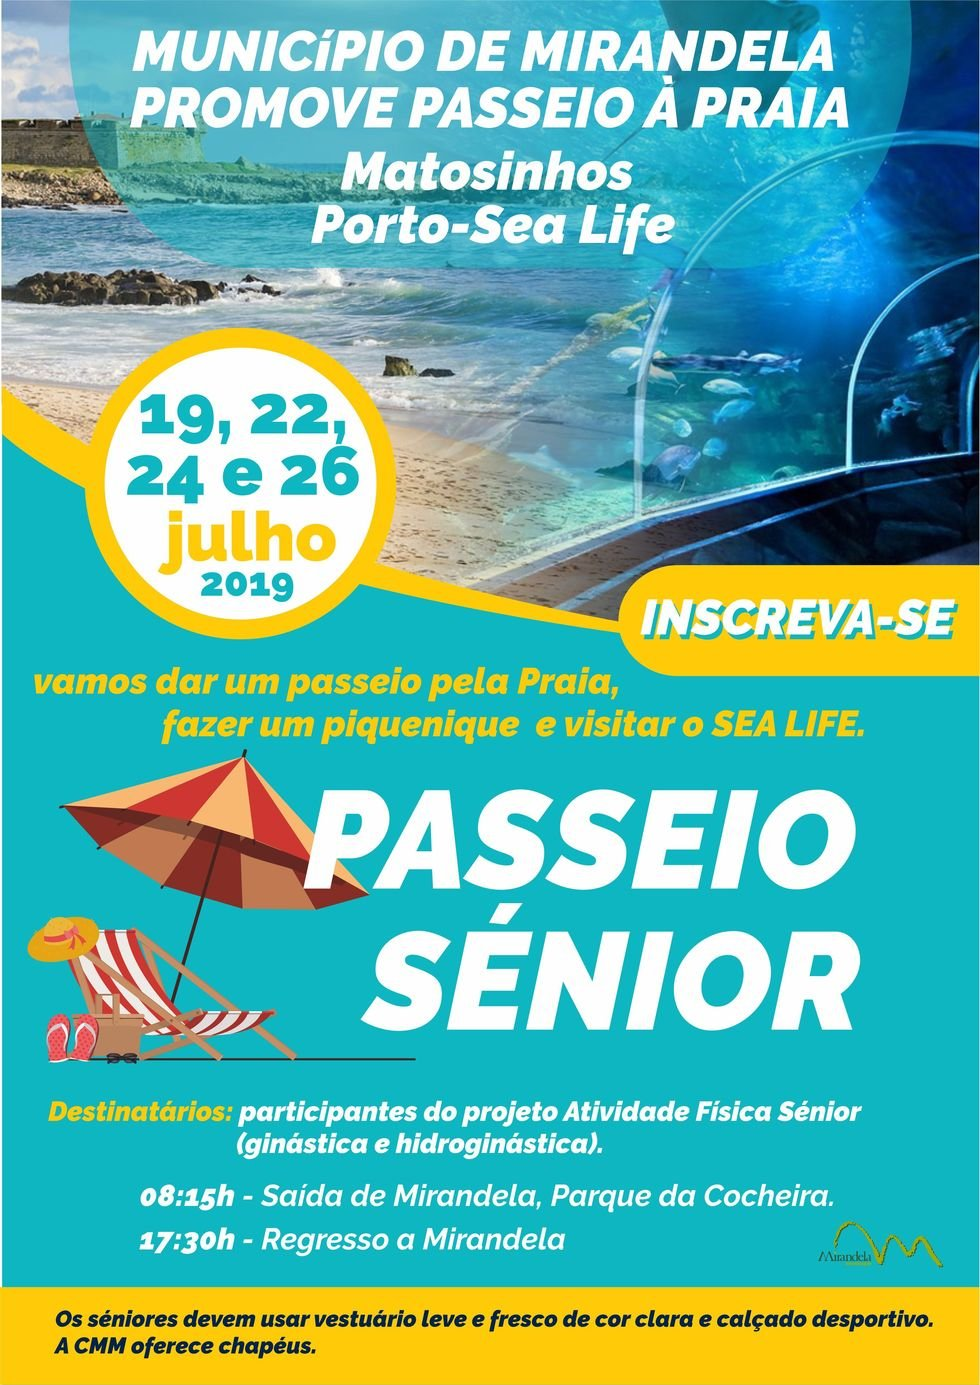 Passeio Sénior: Matosinhos - Porto/Sealife